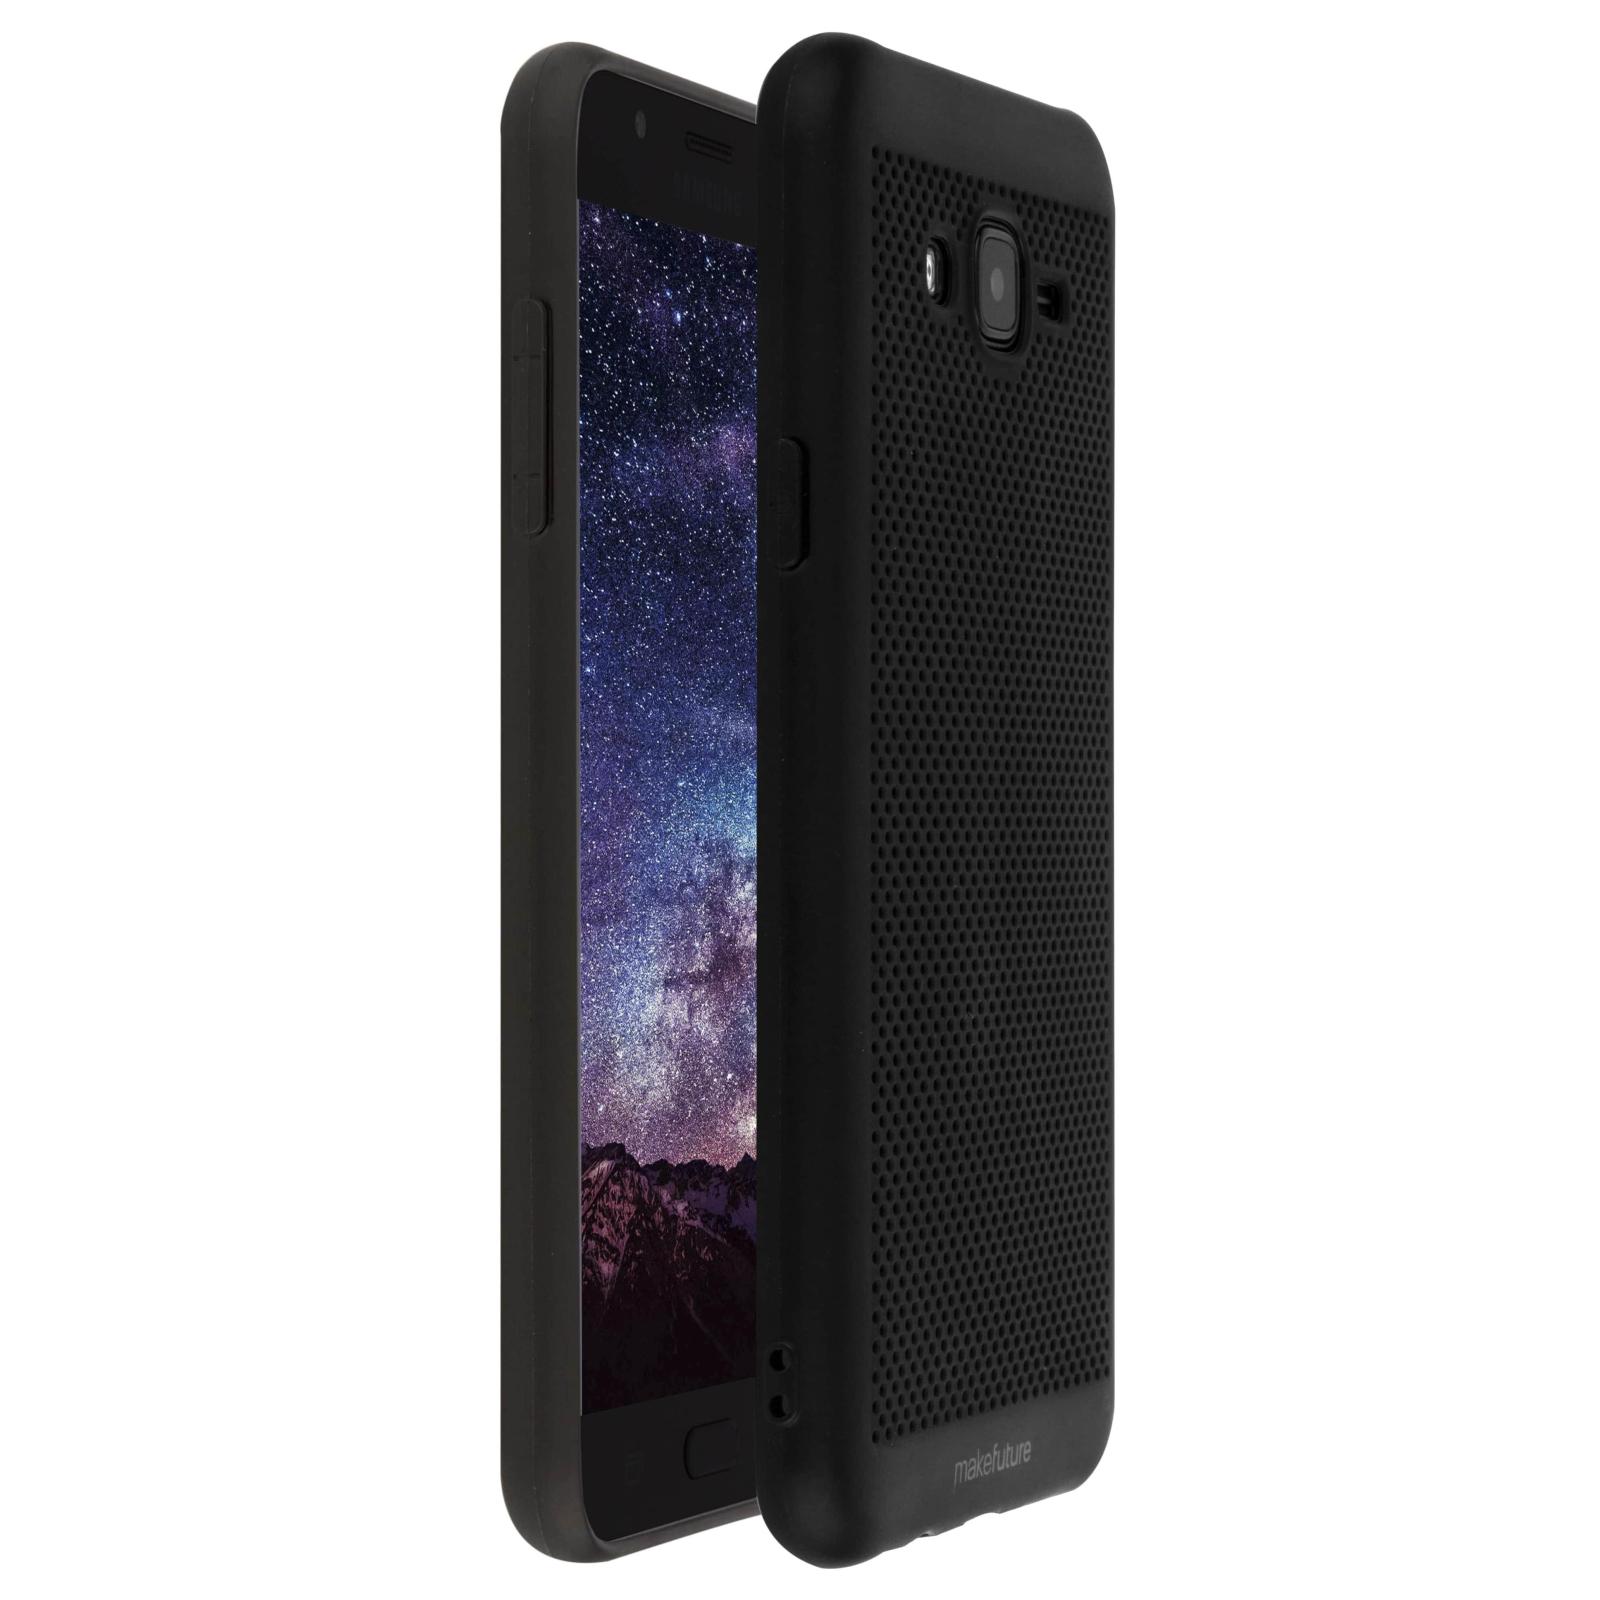 Чехол для моб. телефона MakeFuture Moon Case (TPU) для Samsung J7 Neo (J701) Black (MCM-SJ7NBK) изображение 2